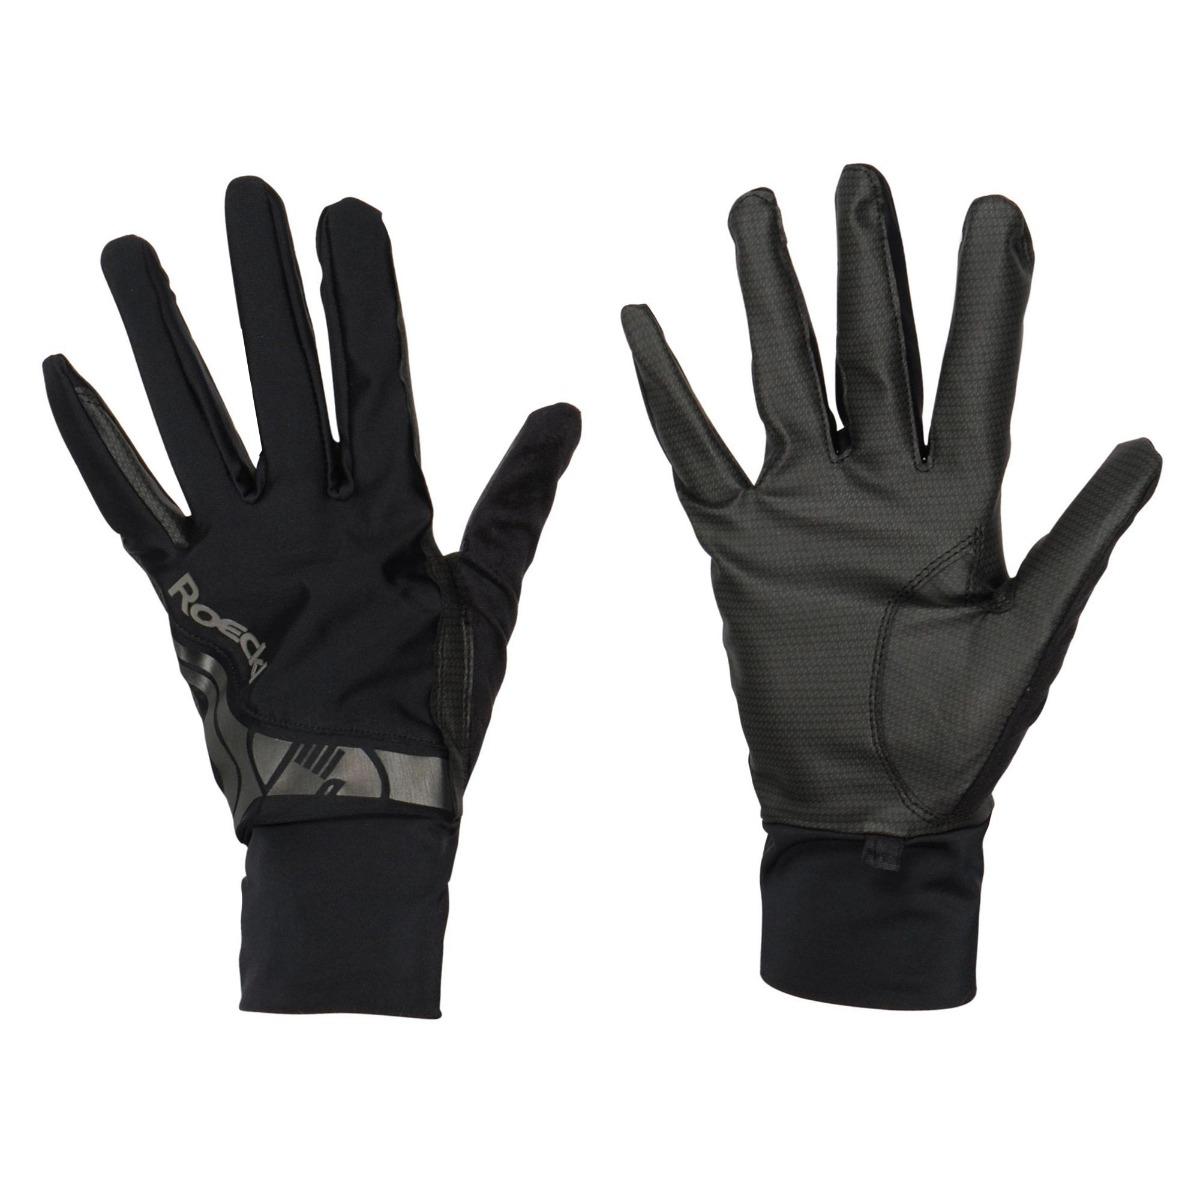 Roeckl Melbourne handschoen zwart maat:7